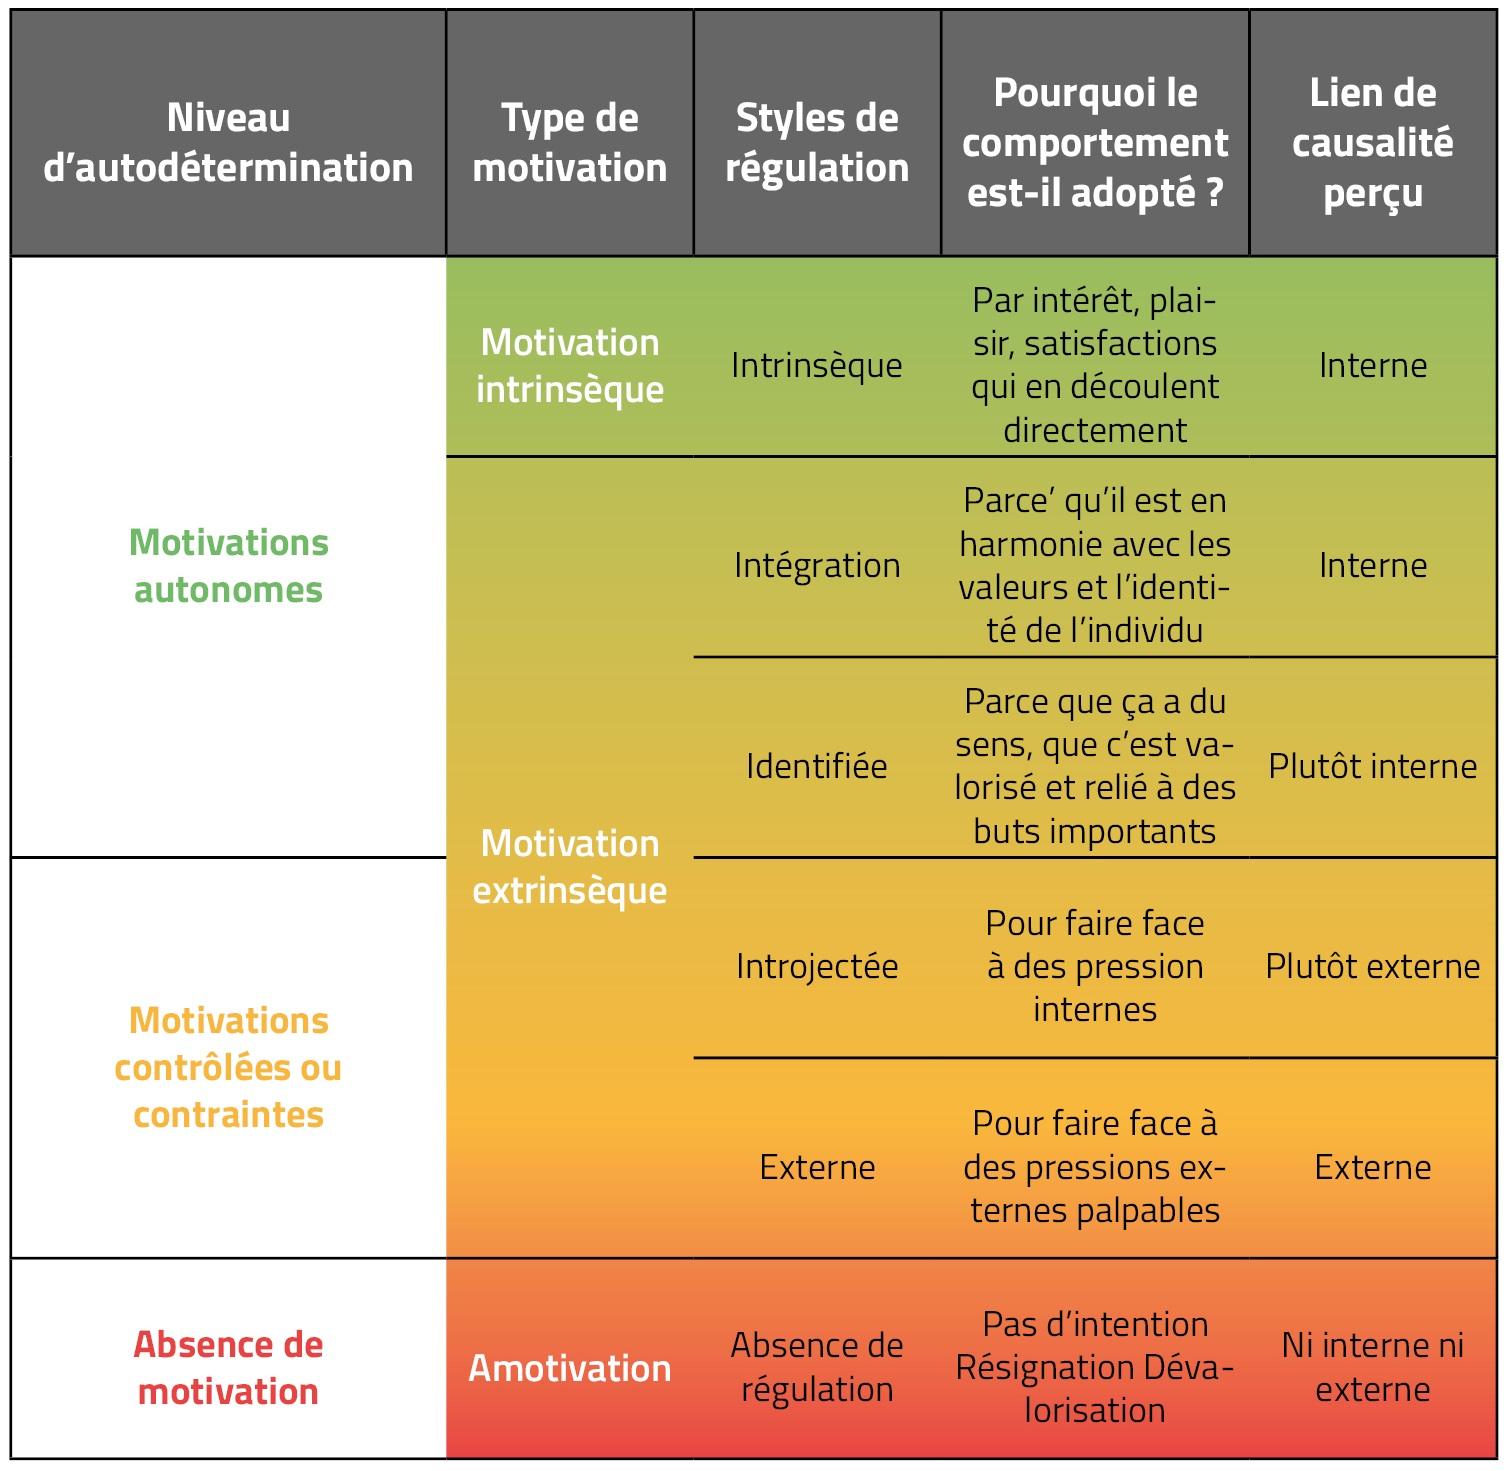 Les différents types de motivation et leur régulation